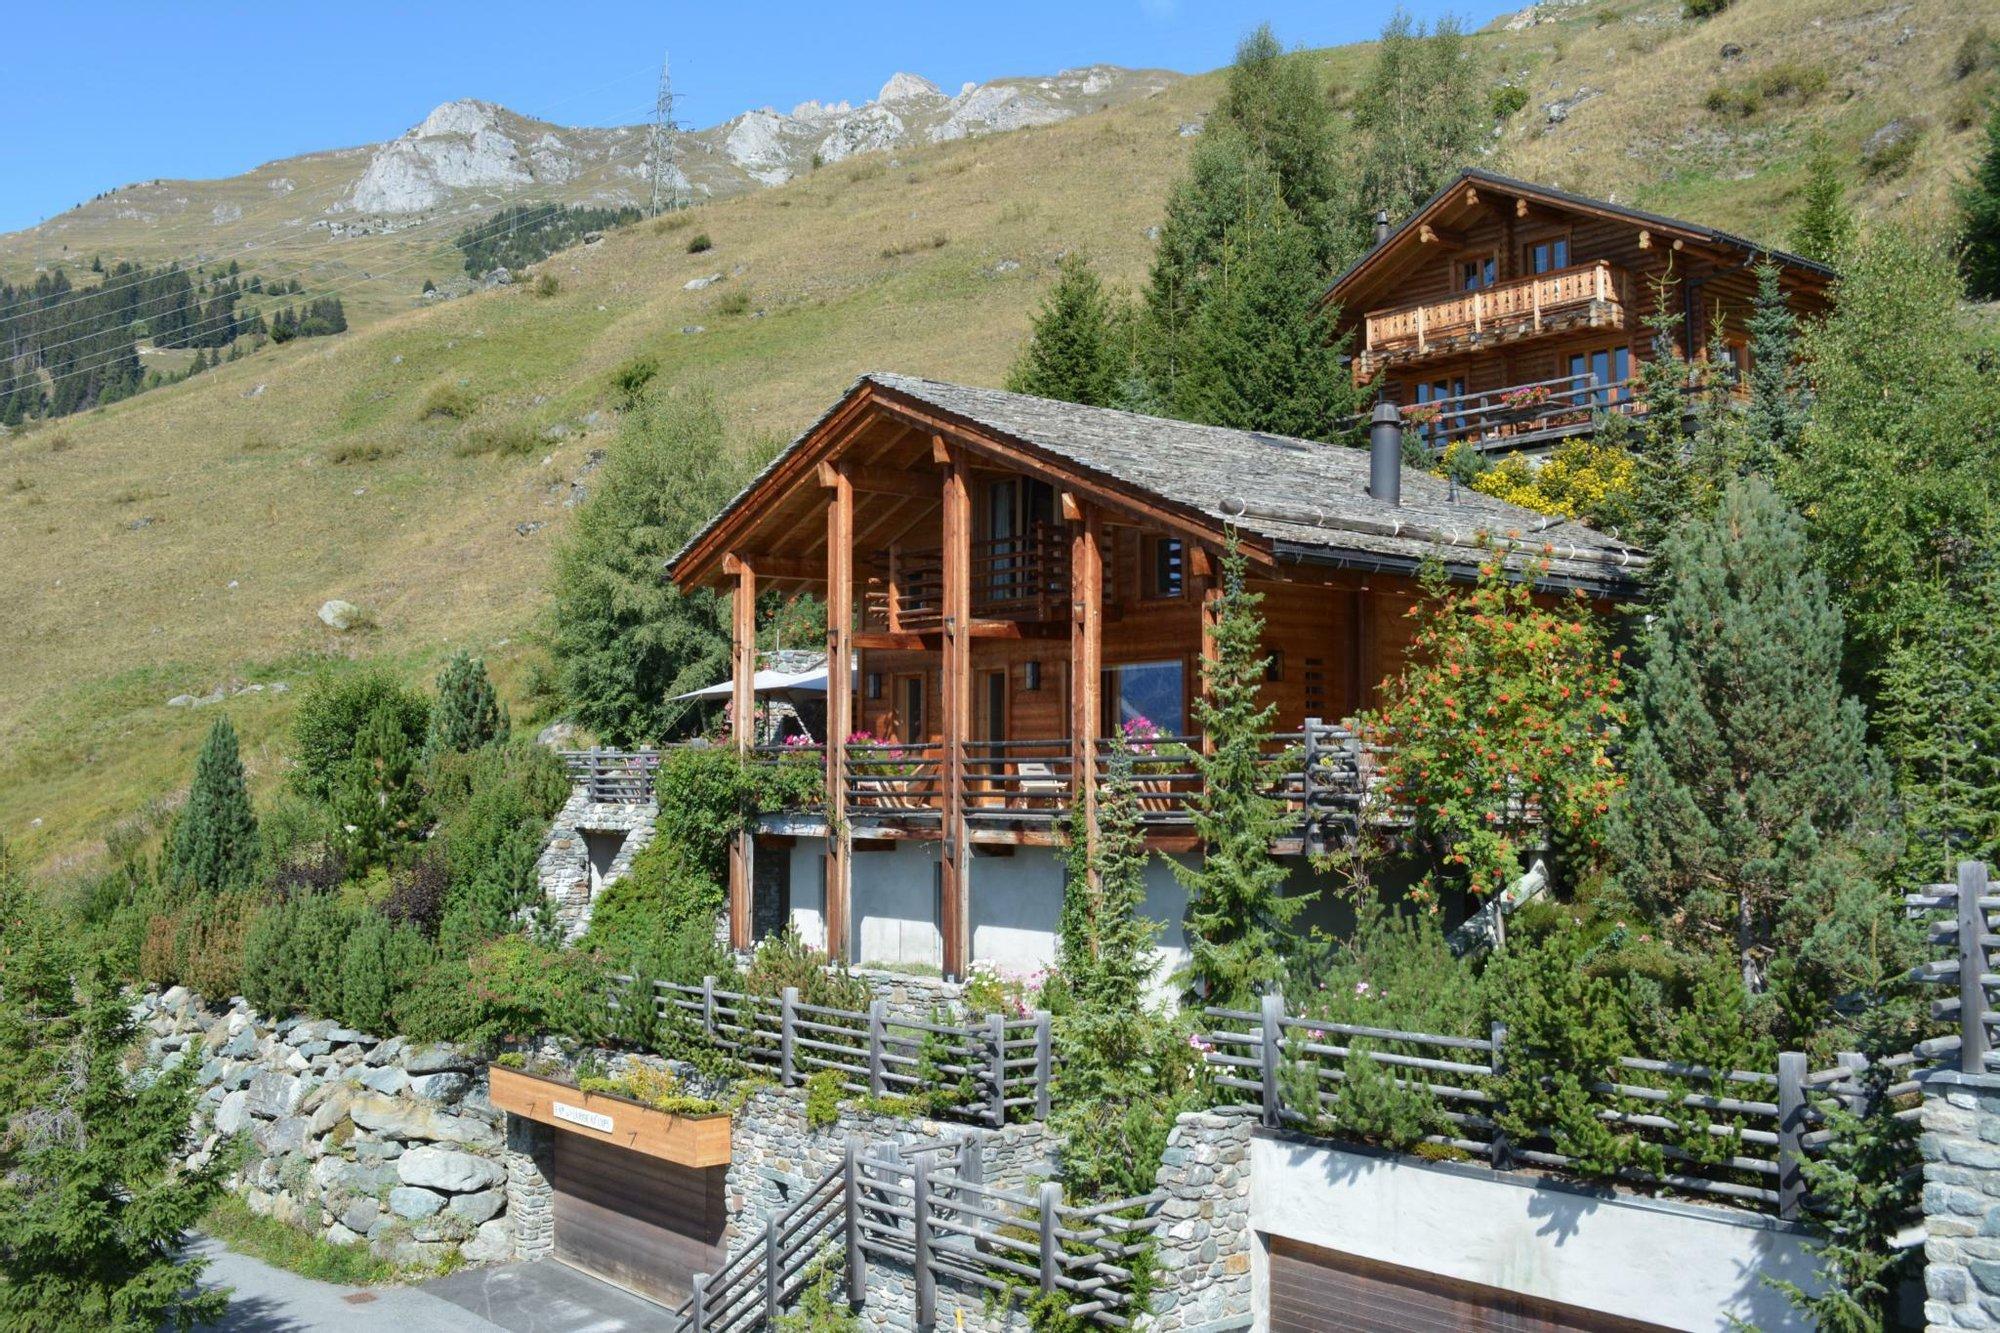 Chalet in Verbier, Valais, Switzerland 1